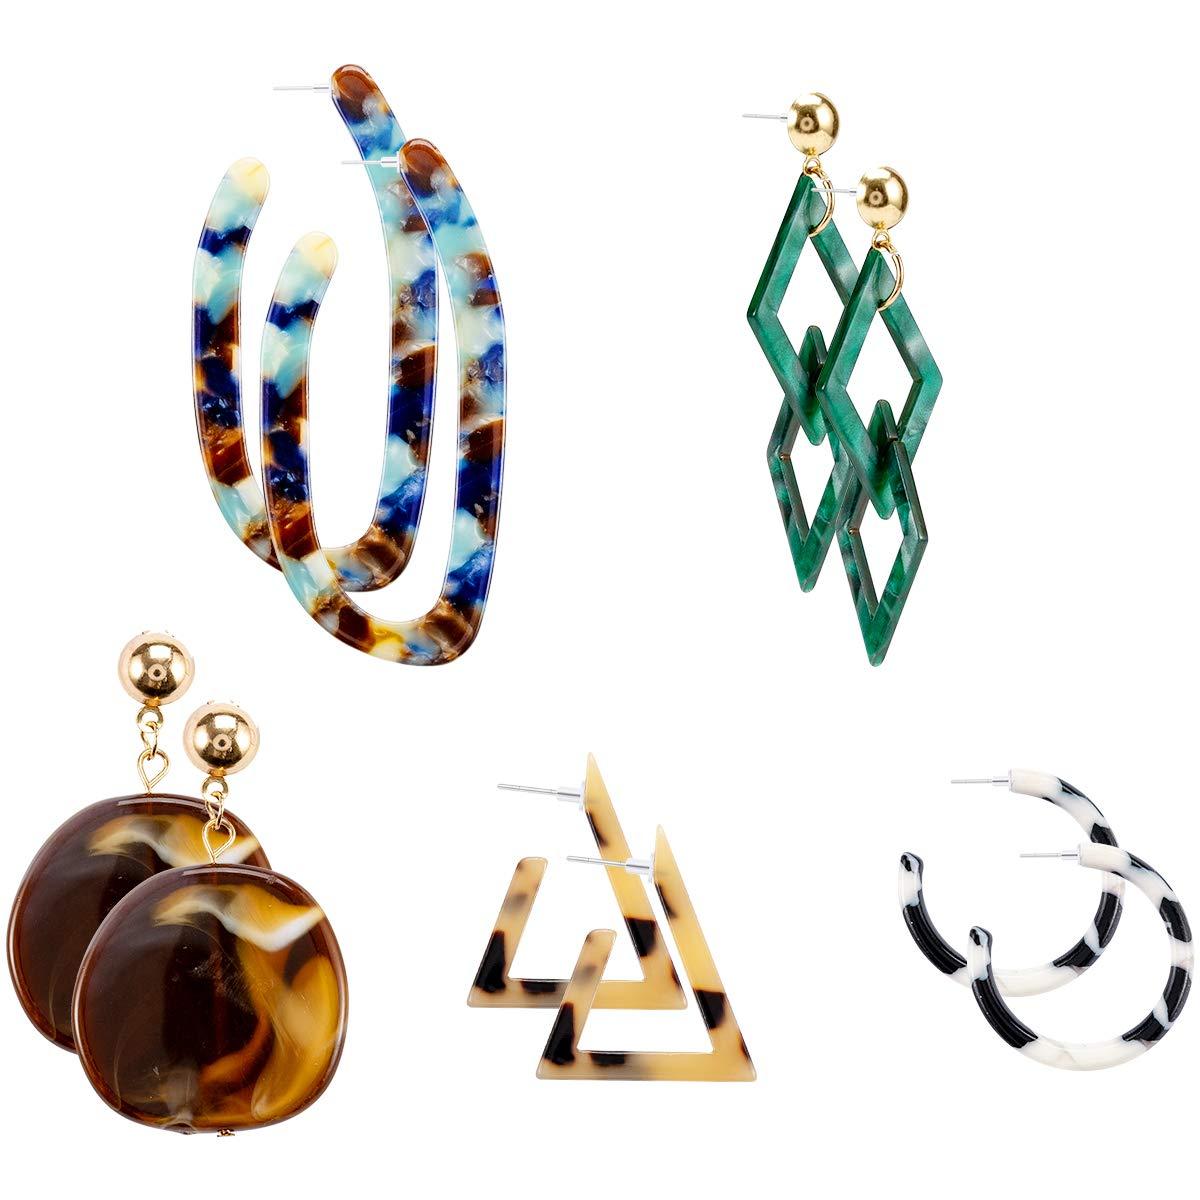 Resin Bohemian Statement Hoop Earrings Set for Women Girls Fashion Jewelry Cosweet 5 Pairs Lightweight Mottled Acrylic Drop Earrings